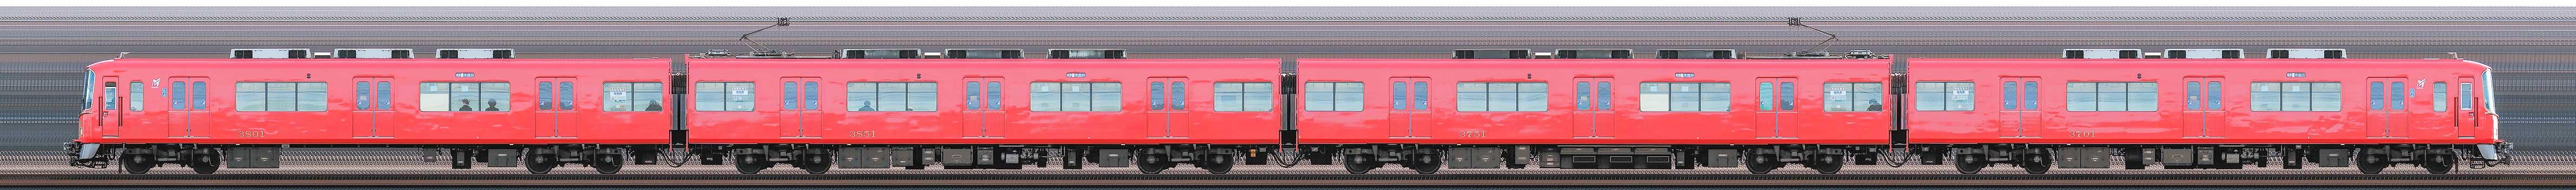 名鉄3700系3701編成(海側)の編成サイドビュー